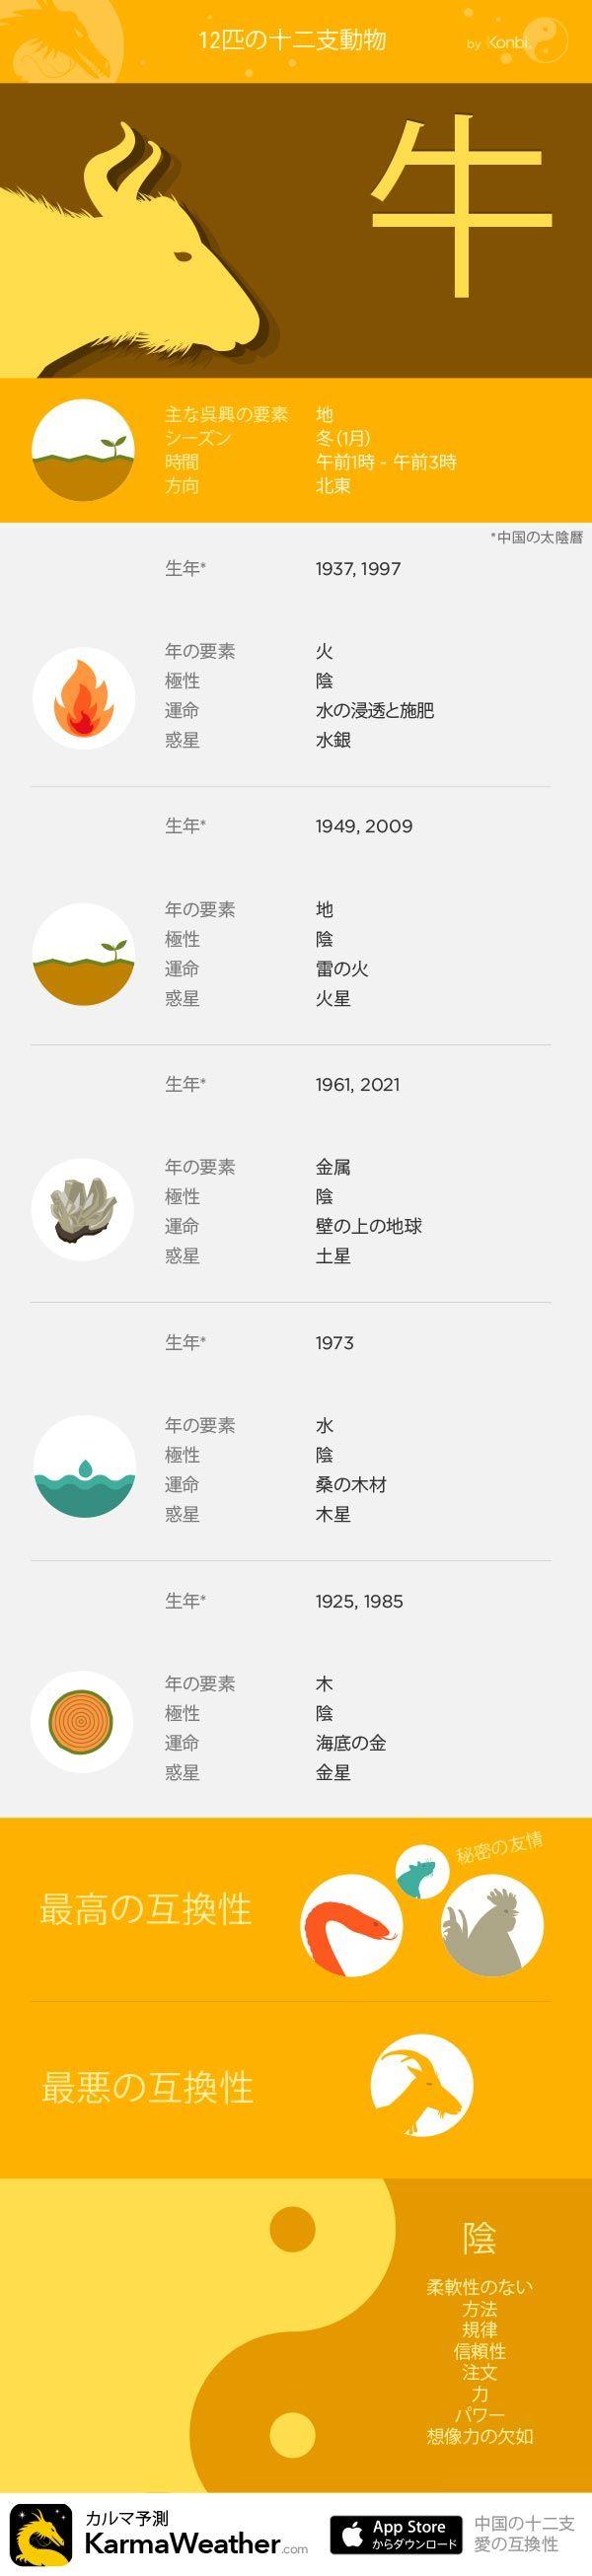 牛 - KarmaWeatherによる12の十二支の看板、無料の中国占星術iPhoneアプリ